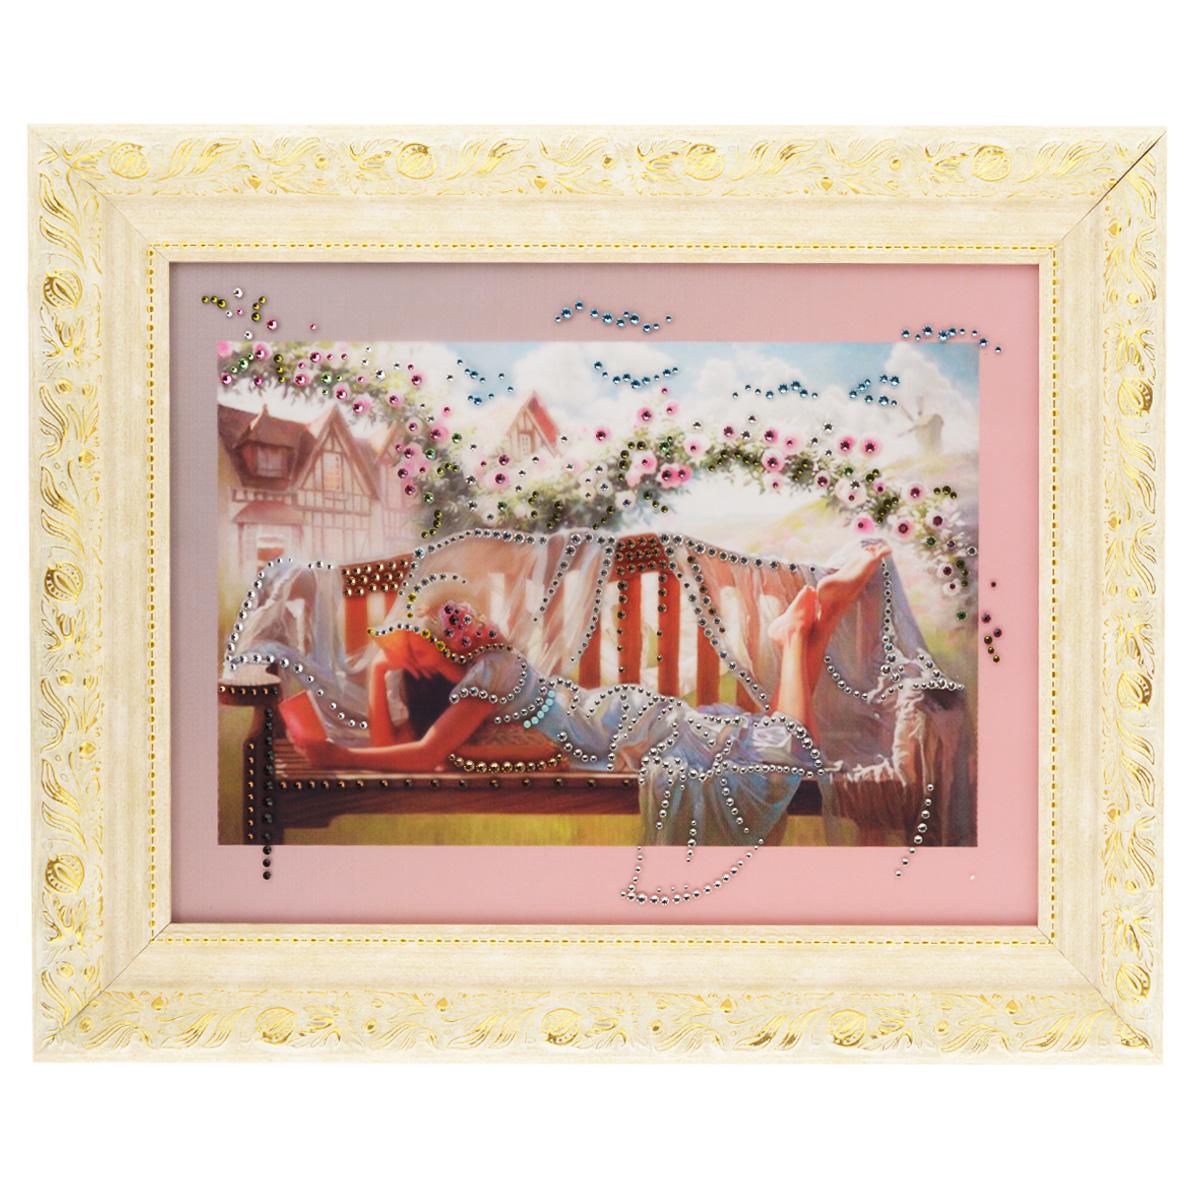 Картина с кристаллами Swarovski В саду, 50 см х 40 см1063Изящная картина в багетной раме, инкрустирована кристаллами Swarovski, которые отличаются четкой и ровной огранкой, ярким блеском и чистотой цвета. Красочное изображение девушки читающей книжку в саду, расположенное под стеклом, прекрасно дополняет блеск кристаллов. С обратной стороны имеется металлическая проволока для размещения картины на стене. Картина с кристаллами Swarovski В саду элегантно украсит интерьер дома или офиса, а также станет прекрасным подарком, который обязательно понравится получателю. Блеск кристаллов в интерьере, что может быть сказочнее и удивительнее. Картина упакована в подарочную картонную коробку синего цвета и комплектуется сертификатом соответствия Swarovski.